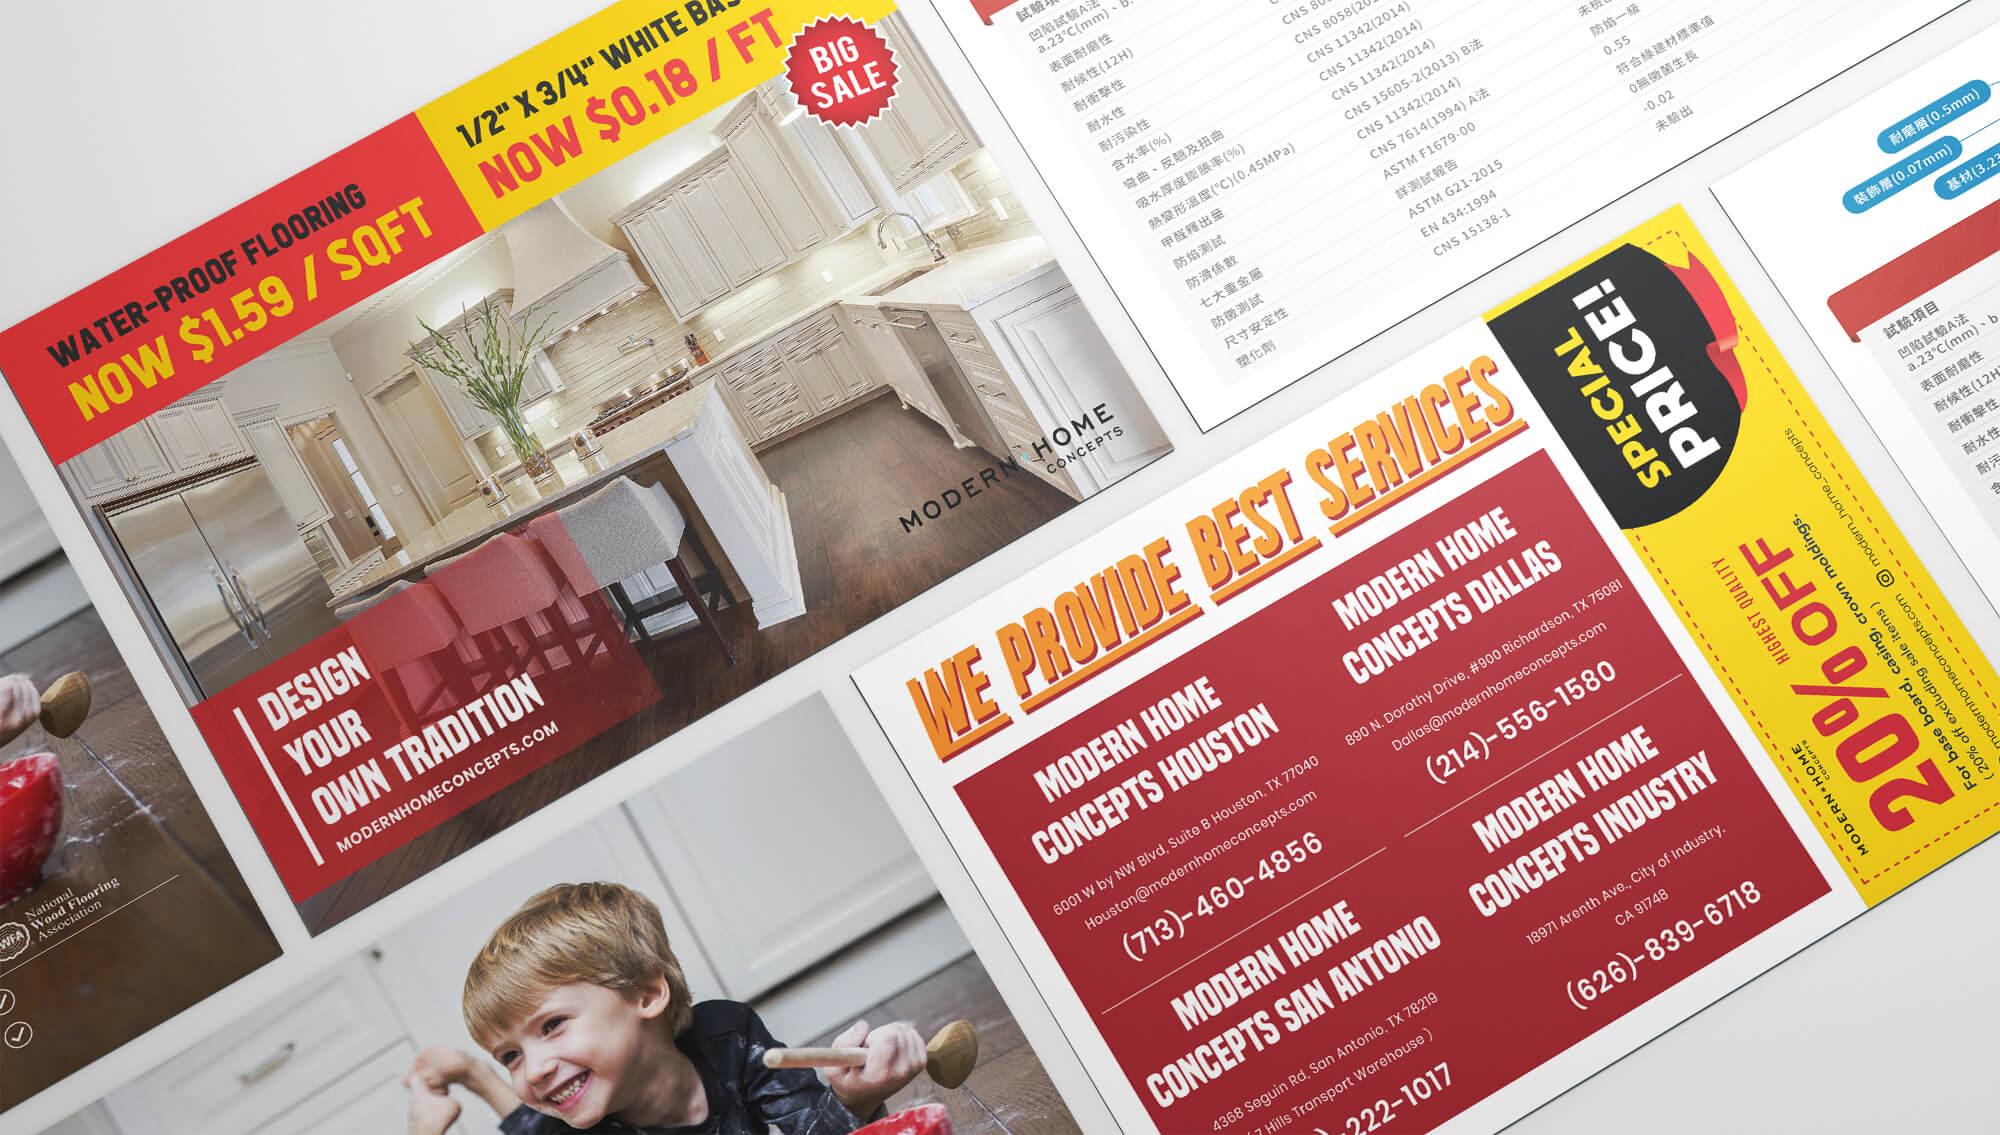 DM設計 | 海報設計 | 公司簡介、產品服務、活動宣傳,平面文宣DM海報專家就是我們傑克大俠